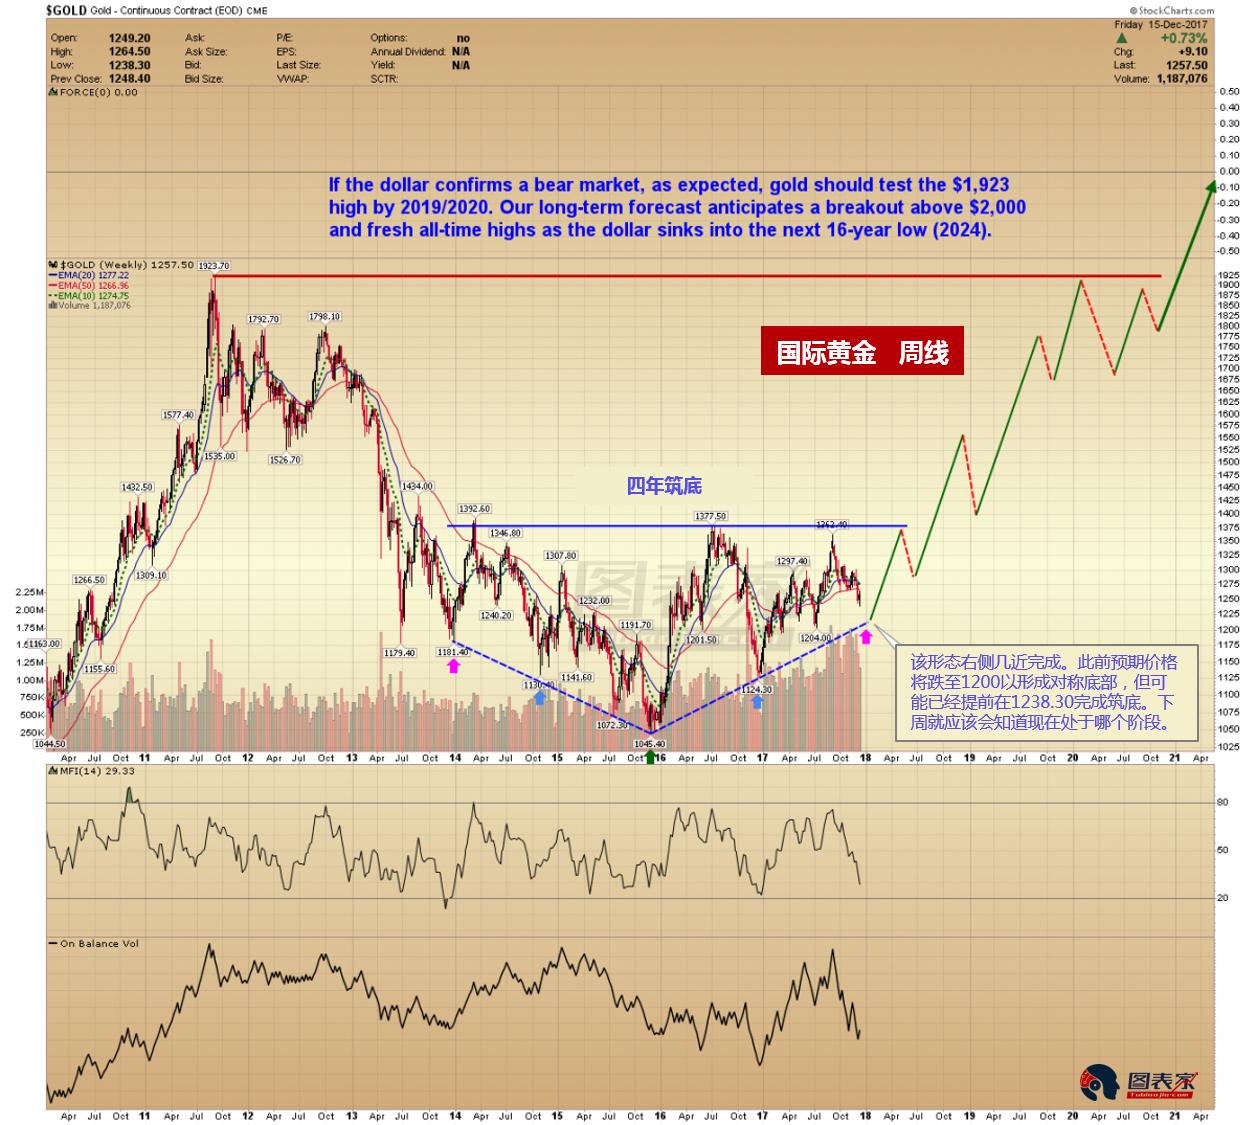 美元触及16年周期顶部,2018年或开启黄金长牛